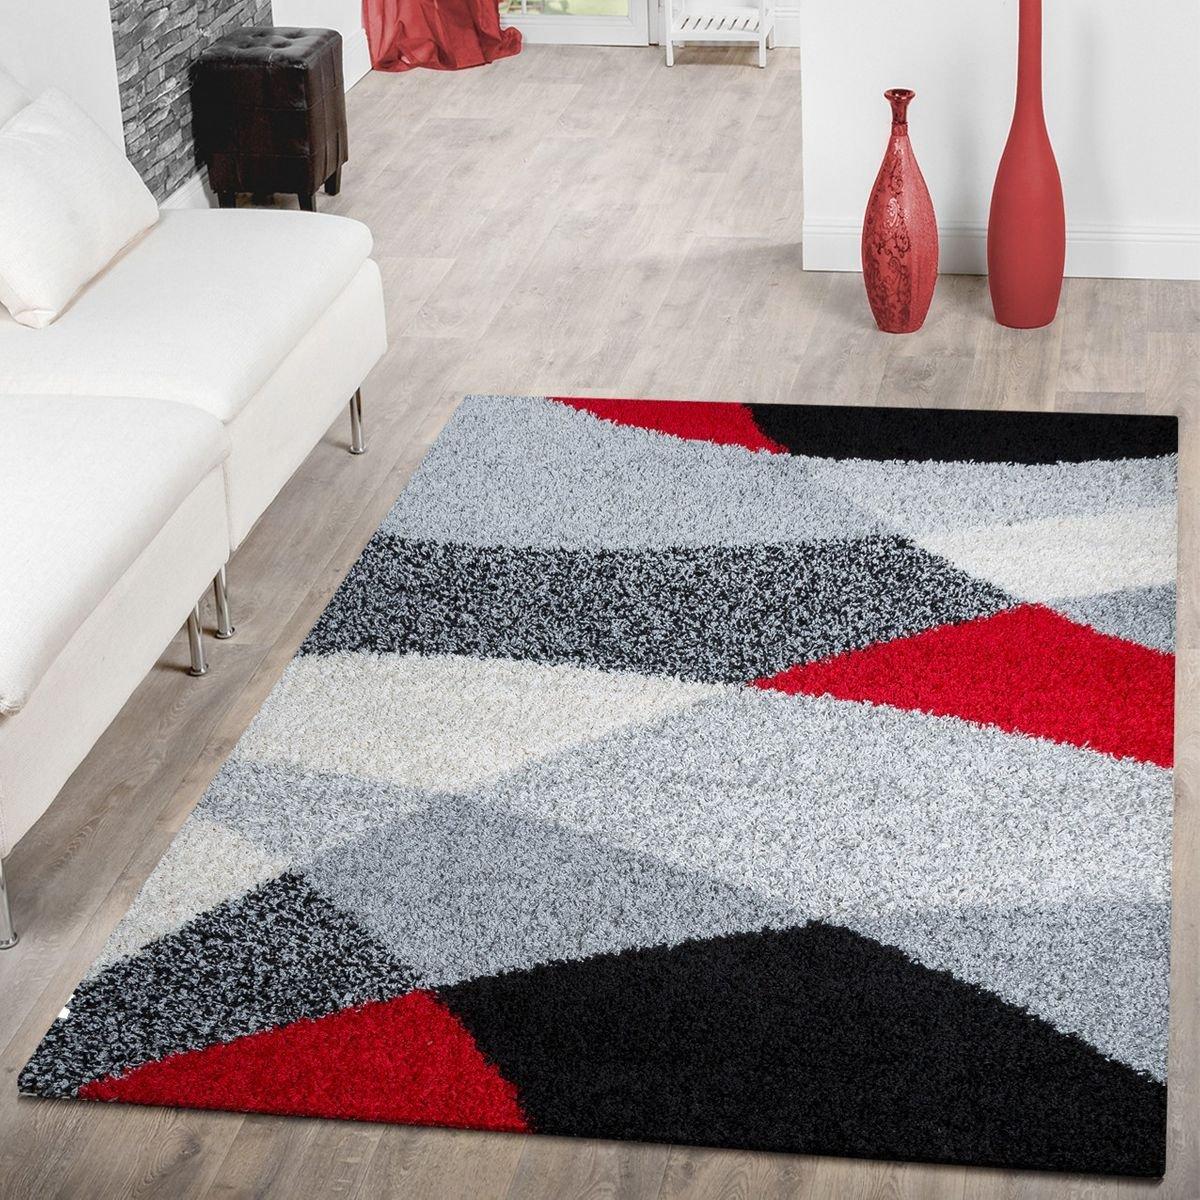 T&T Design Moderner Hochflor Teppich Shaggy Vigo Gemustert in Schwarz Grau Weiß Rot Top Preis  , Größe 160x220 cm